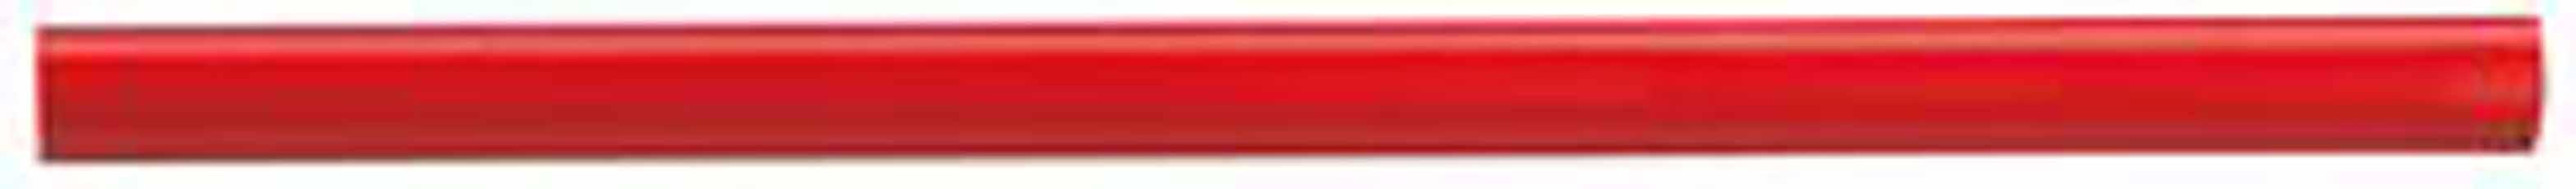 Timmermans Potlood 240mm rood